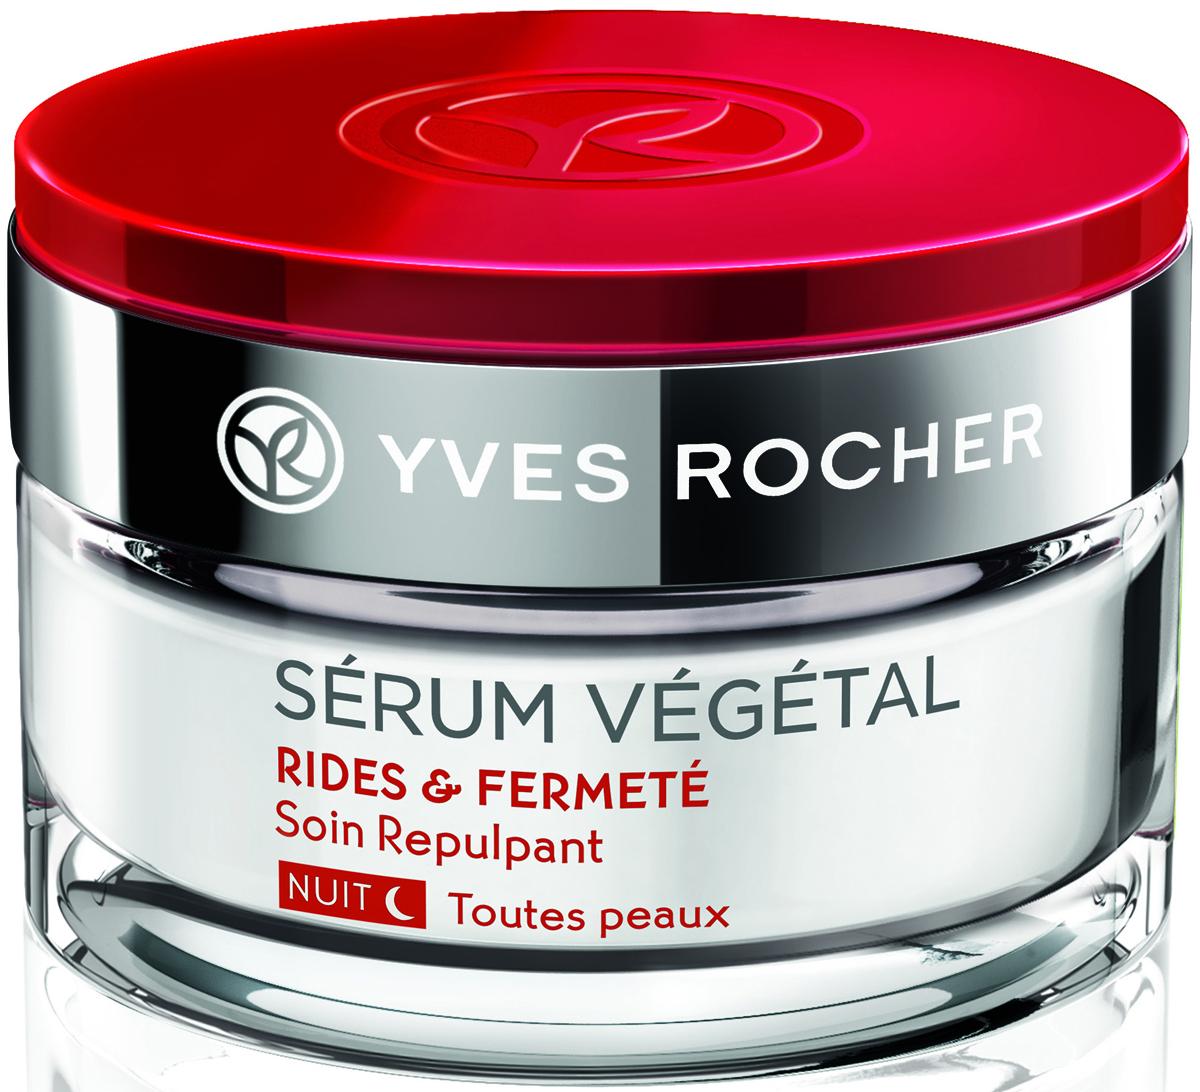 Yves Rocher ночной уход от морщин и для плотности кожи, все типы кожи, 50 мл30045Вы ищете ночной уход от морщин' потому что у Вас:- заметные морщины.- нехватка упругости.Ночной Уход от Морщин & для Плотности Кожи - Все типы кожи' обогащенный экстрактом Растения Жизни: Мезембриантемум кристаллинум' подходит именно Вам.Экстракт Растения Жизни: Мезембриантемум кристаллинум' активизируя выработку протеина mTOR в коже*' стимулирует механизмы борьбы с морщинами на клеточном уровне. В состав формулы также входит камедь Акации' которая возобновляет синтез коллагена и гиалуроновой кислоты* для восстановления упругости и плотности кожи изнутри.Мгновенно глубина даже самых заметных морщин сокращается.Через 1 месяц кожа становится более упругой и более плотной у 80% Женщин**.Уход с насыщенной текстурой бальзама интенсивно питает кожу.Протестировано под контролем дерматологов.